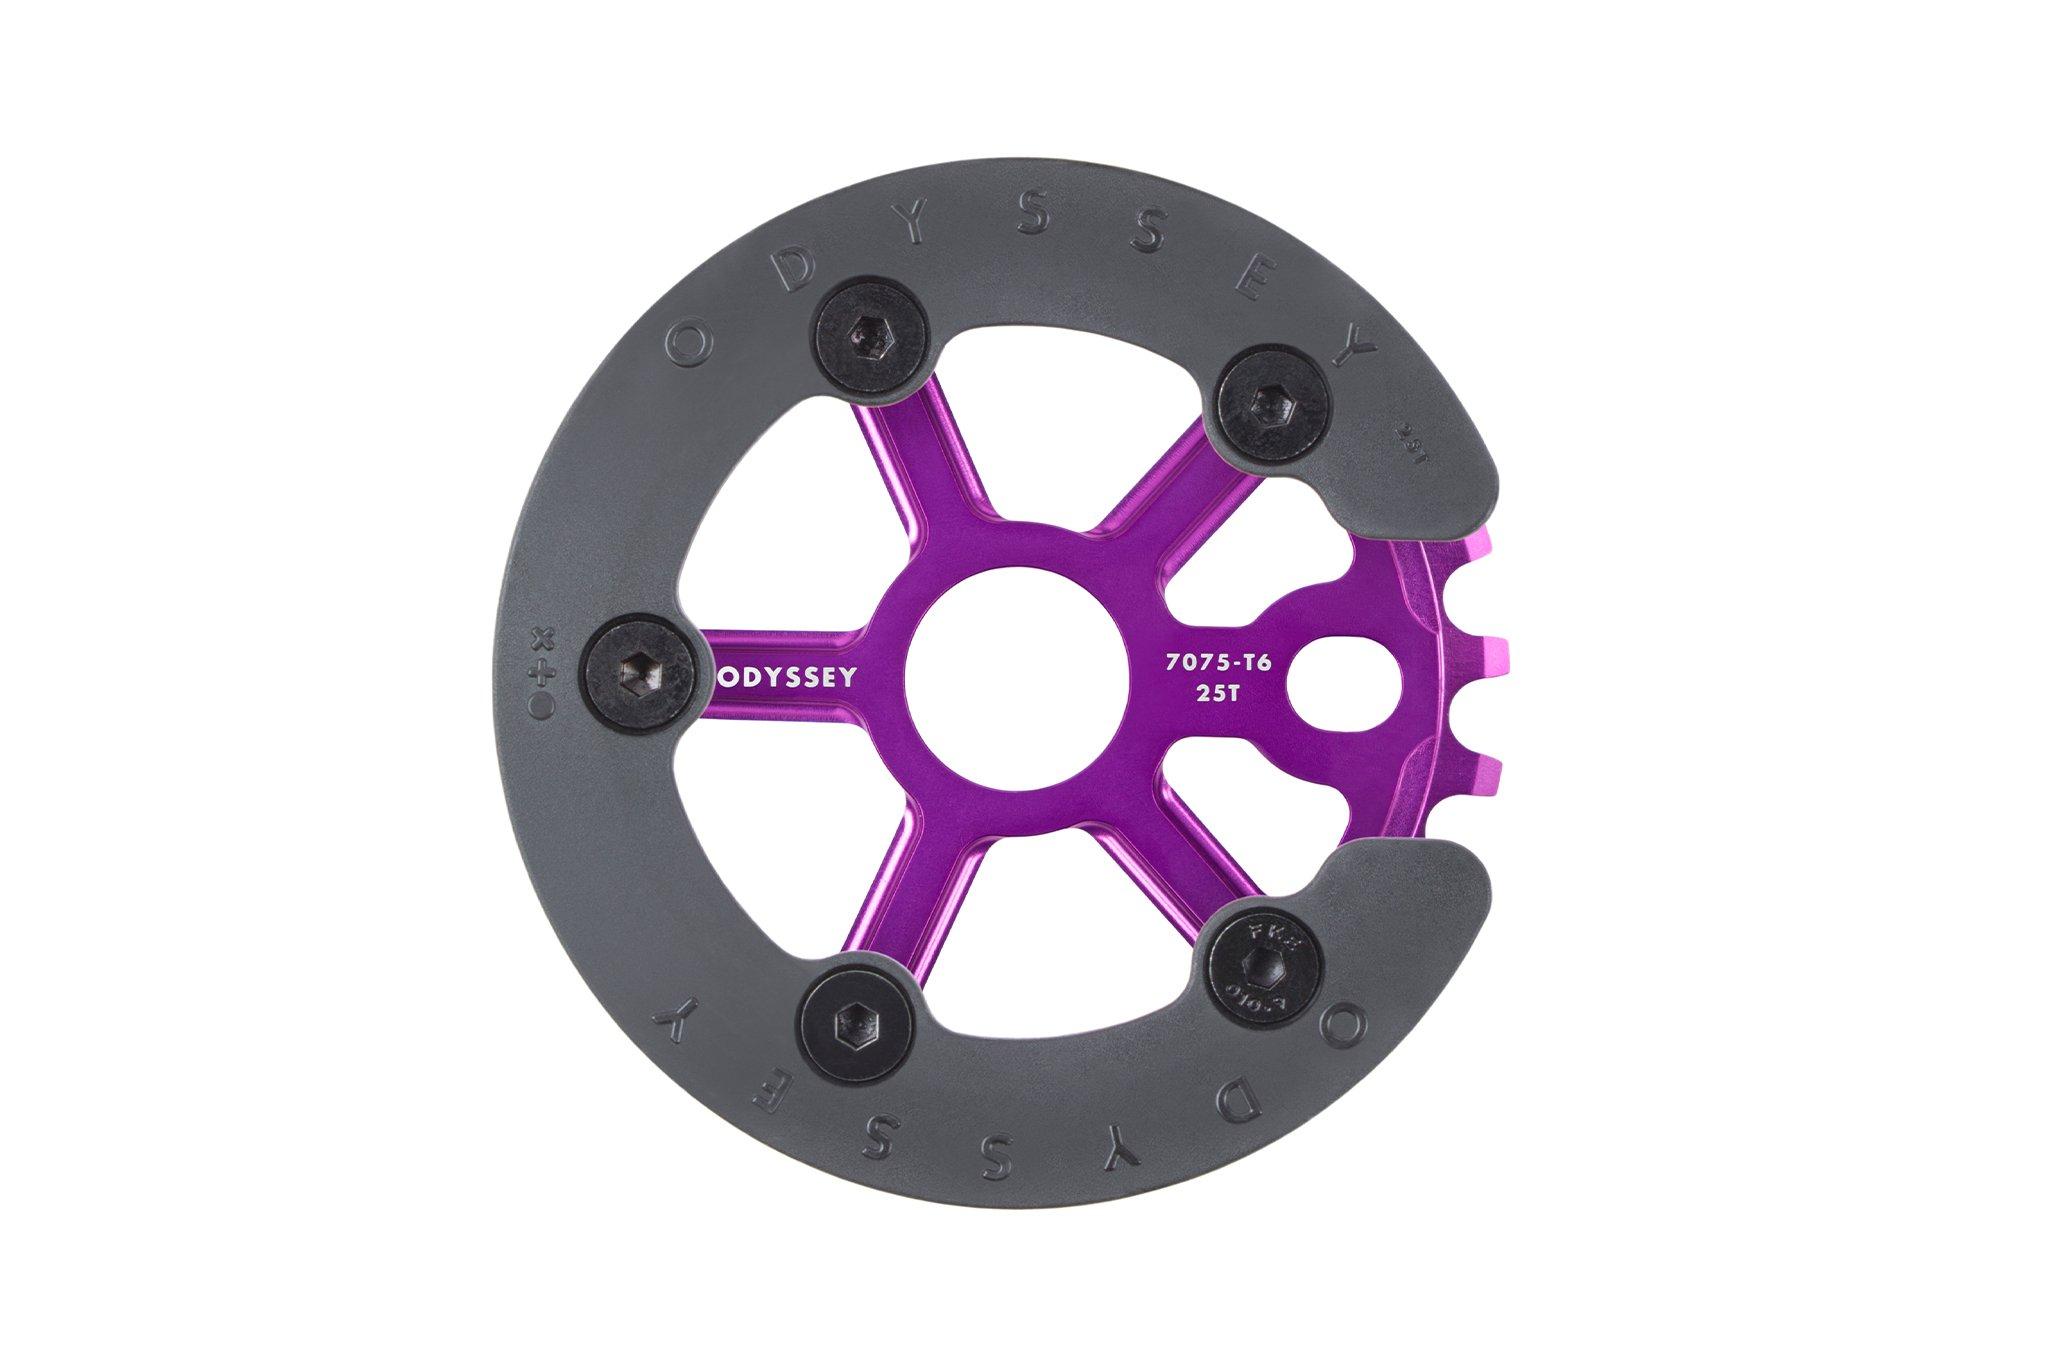 NEU! Odyssey BMX Utility Pro Sprocket in Anodized Purple mit schraubbaren Guard aus Kunststoff (25T)